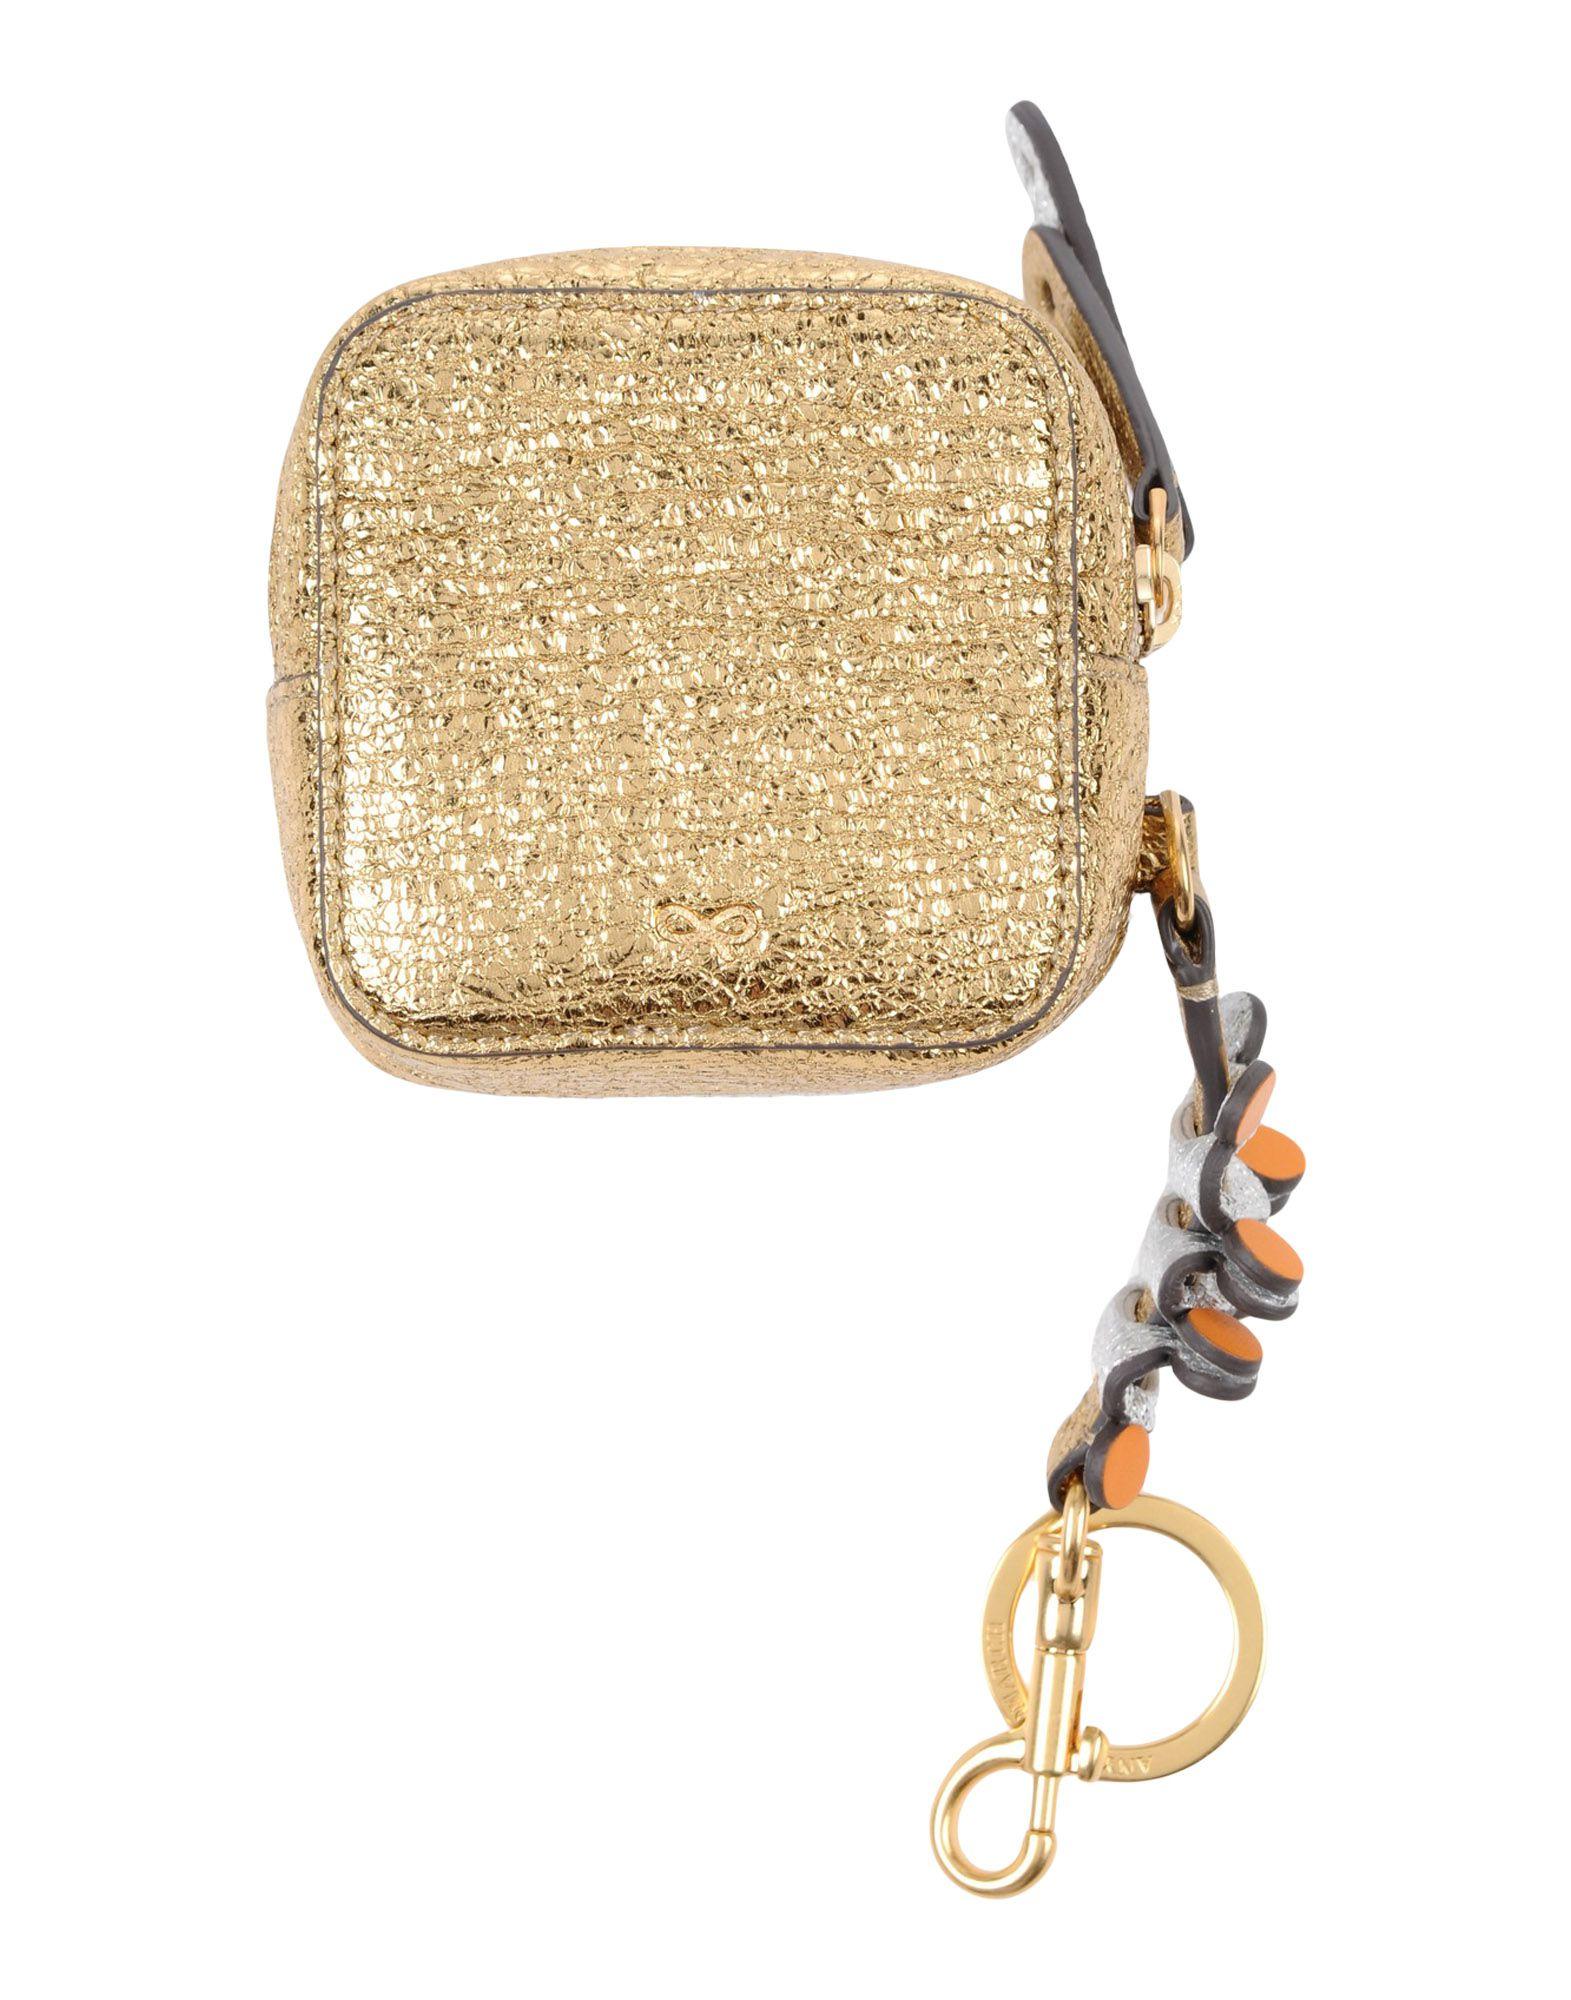 ANYA HINDMARCH Кошелек для монет горячие корейской леди женщины хобо кожа pu посланника плеча сумки totes кошелек